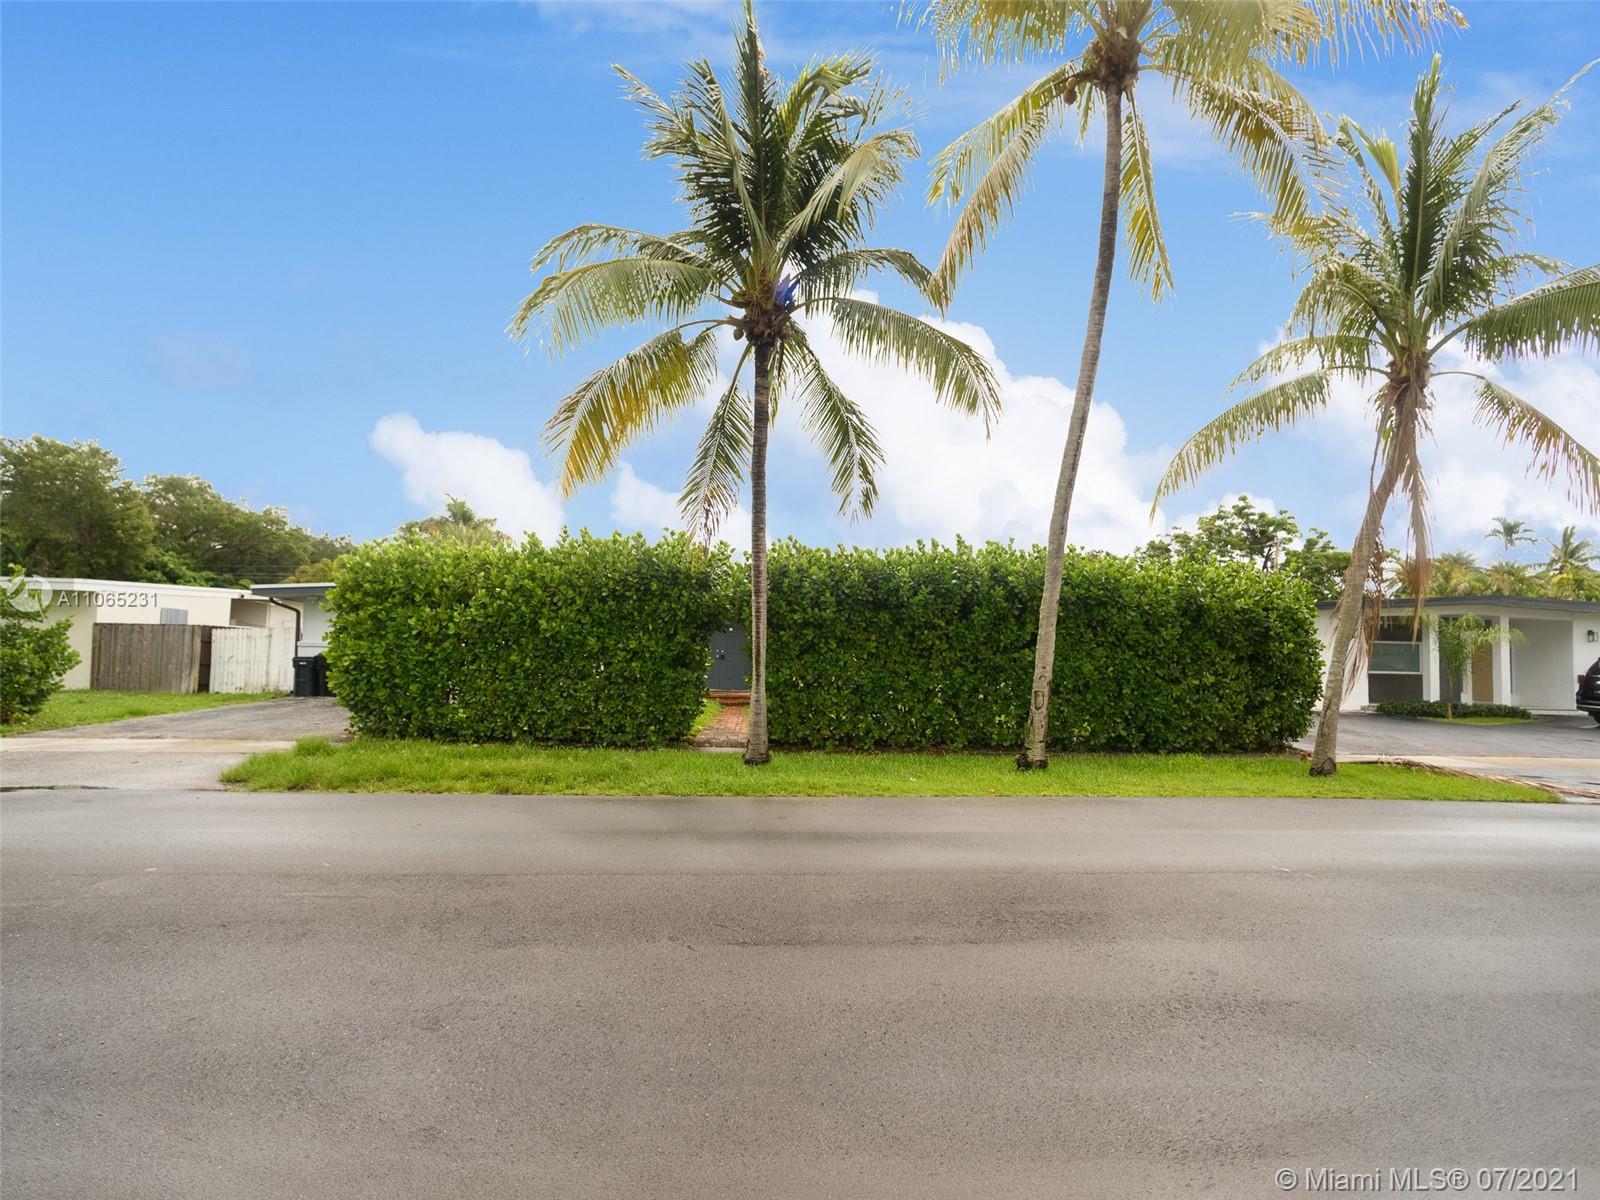 Sky Lake - 18931 NE 20th Ct, North Miami Beach, FL 33179